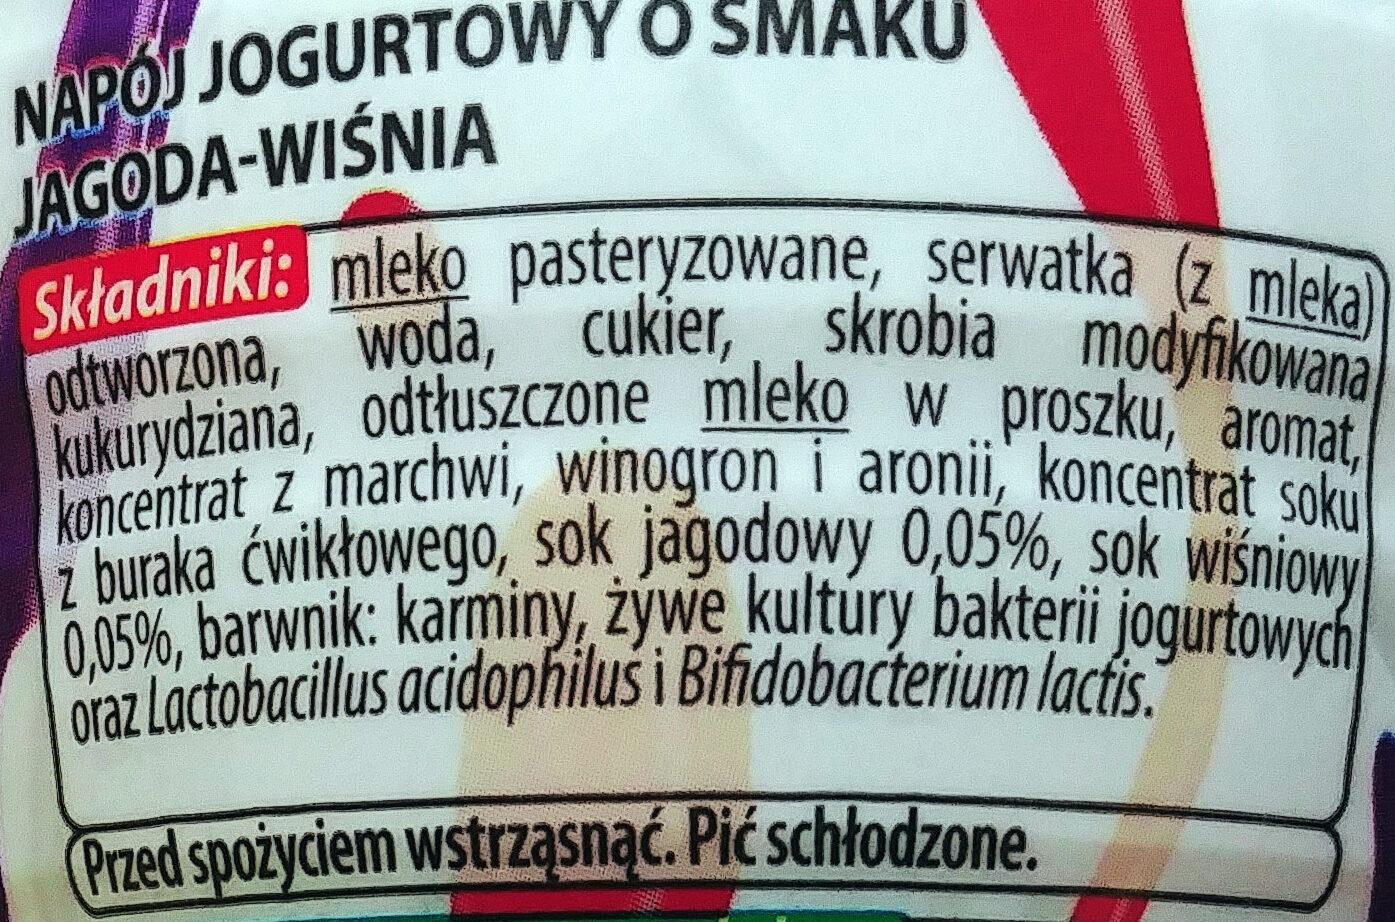 Napój jogurtowy o smaku jagoda - wiśnia. - Składniki